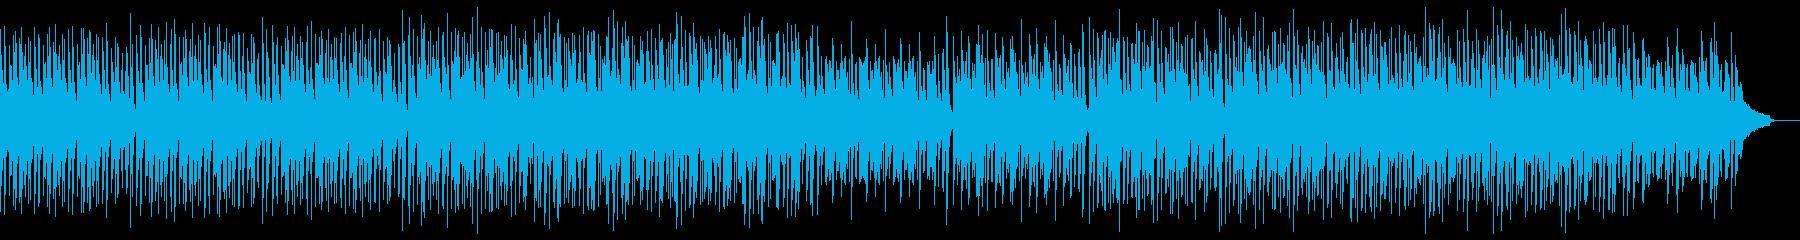 明るく前向きなピアノポップ:ドラムなしの再生済みの波形